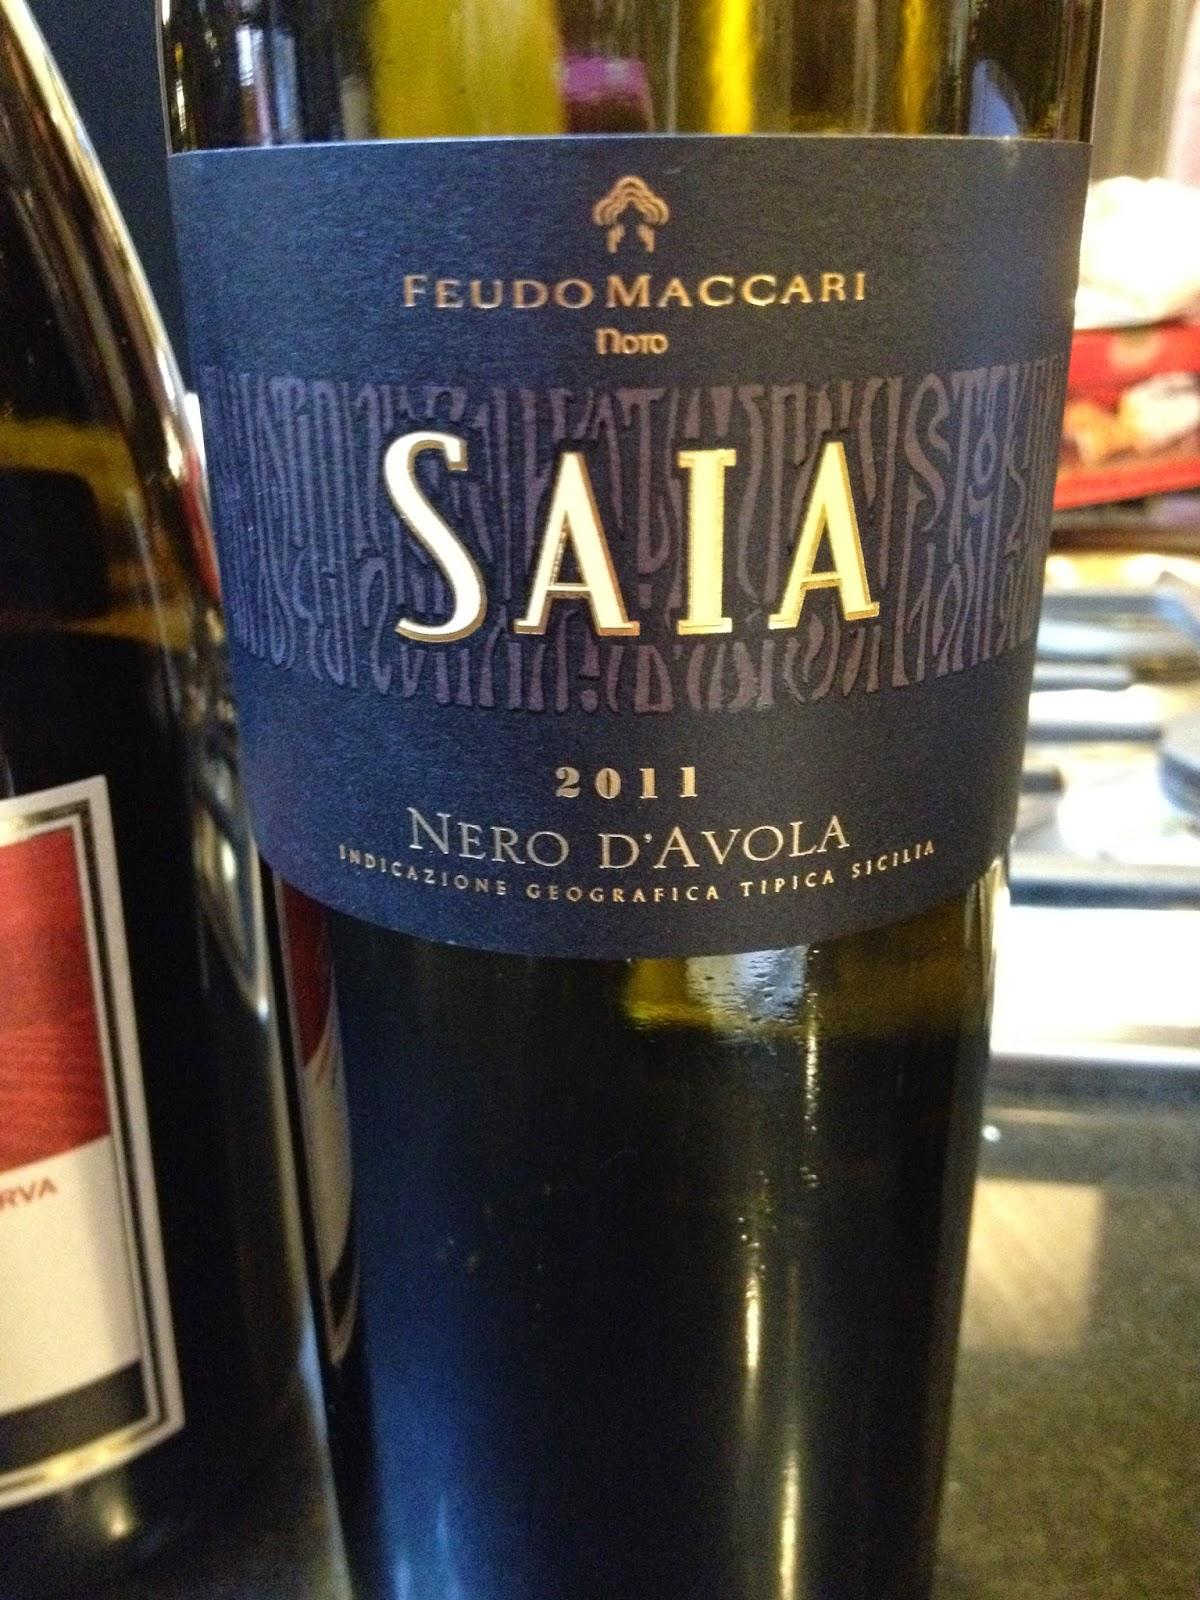 2011 Feudo Maccari Saia Nero d'Avola